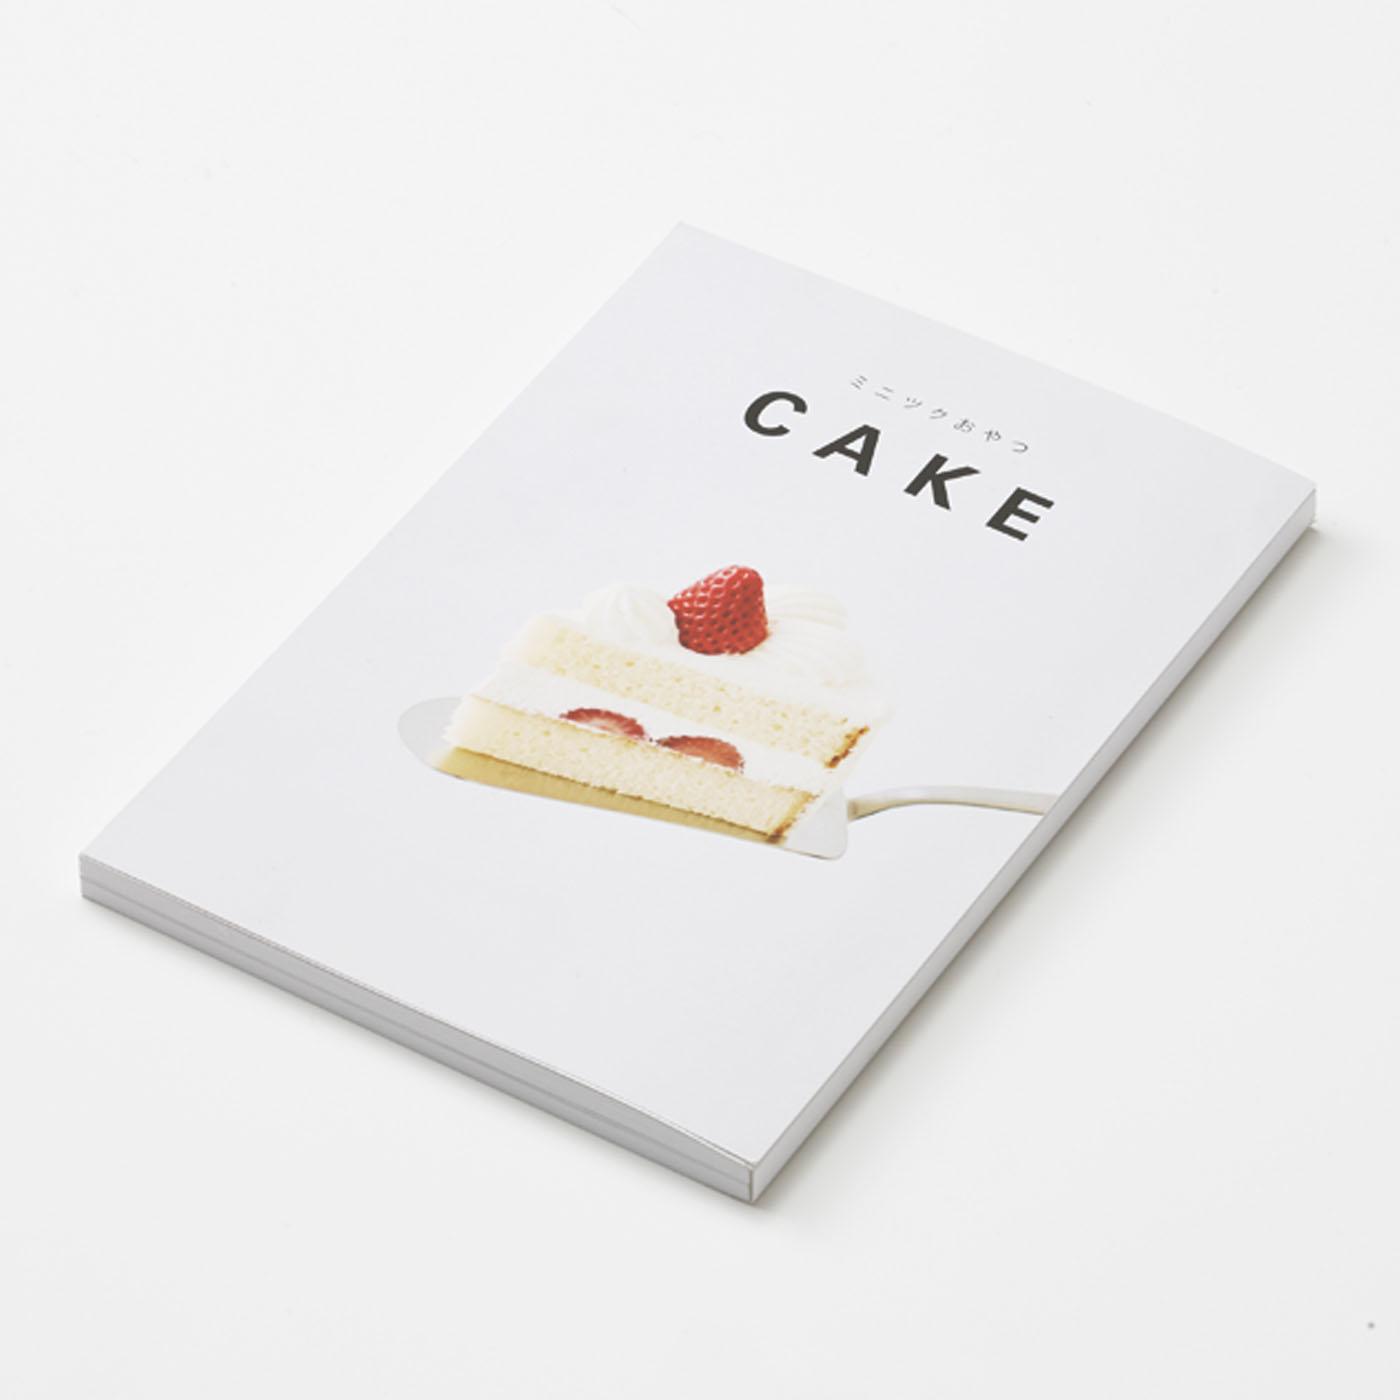 いろんなことが楽しく身につくプログラム「ミニツク」から、暮らしに役立つ45のワザを1冊に集めました!